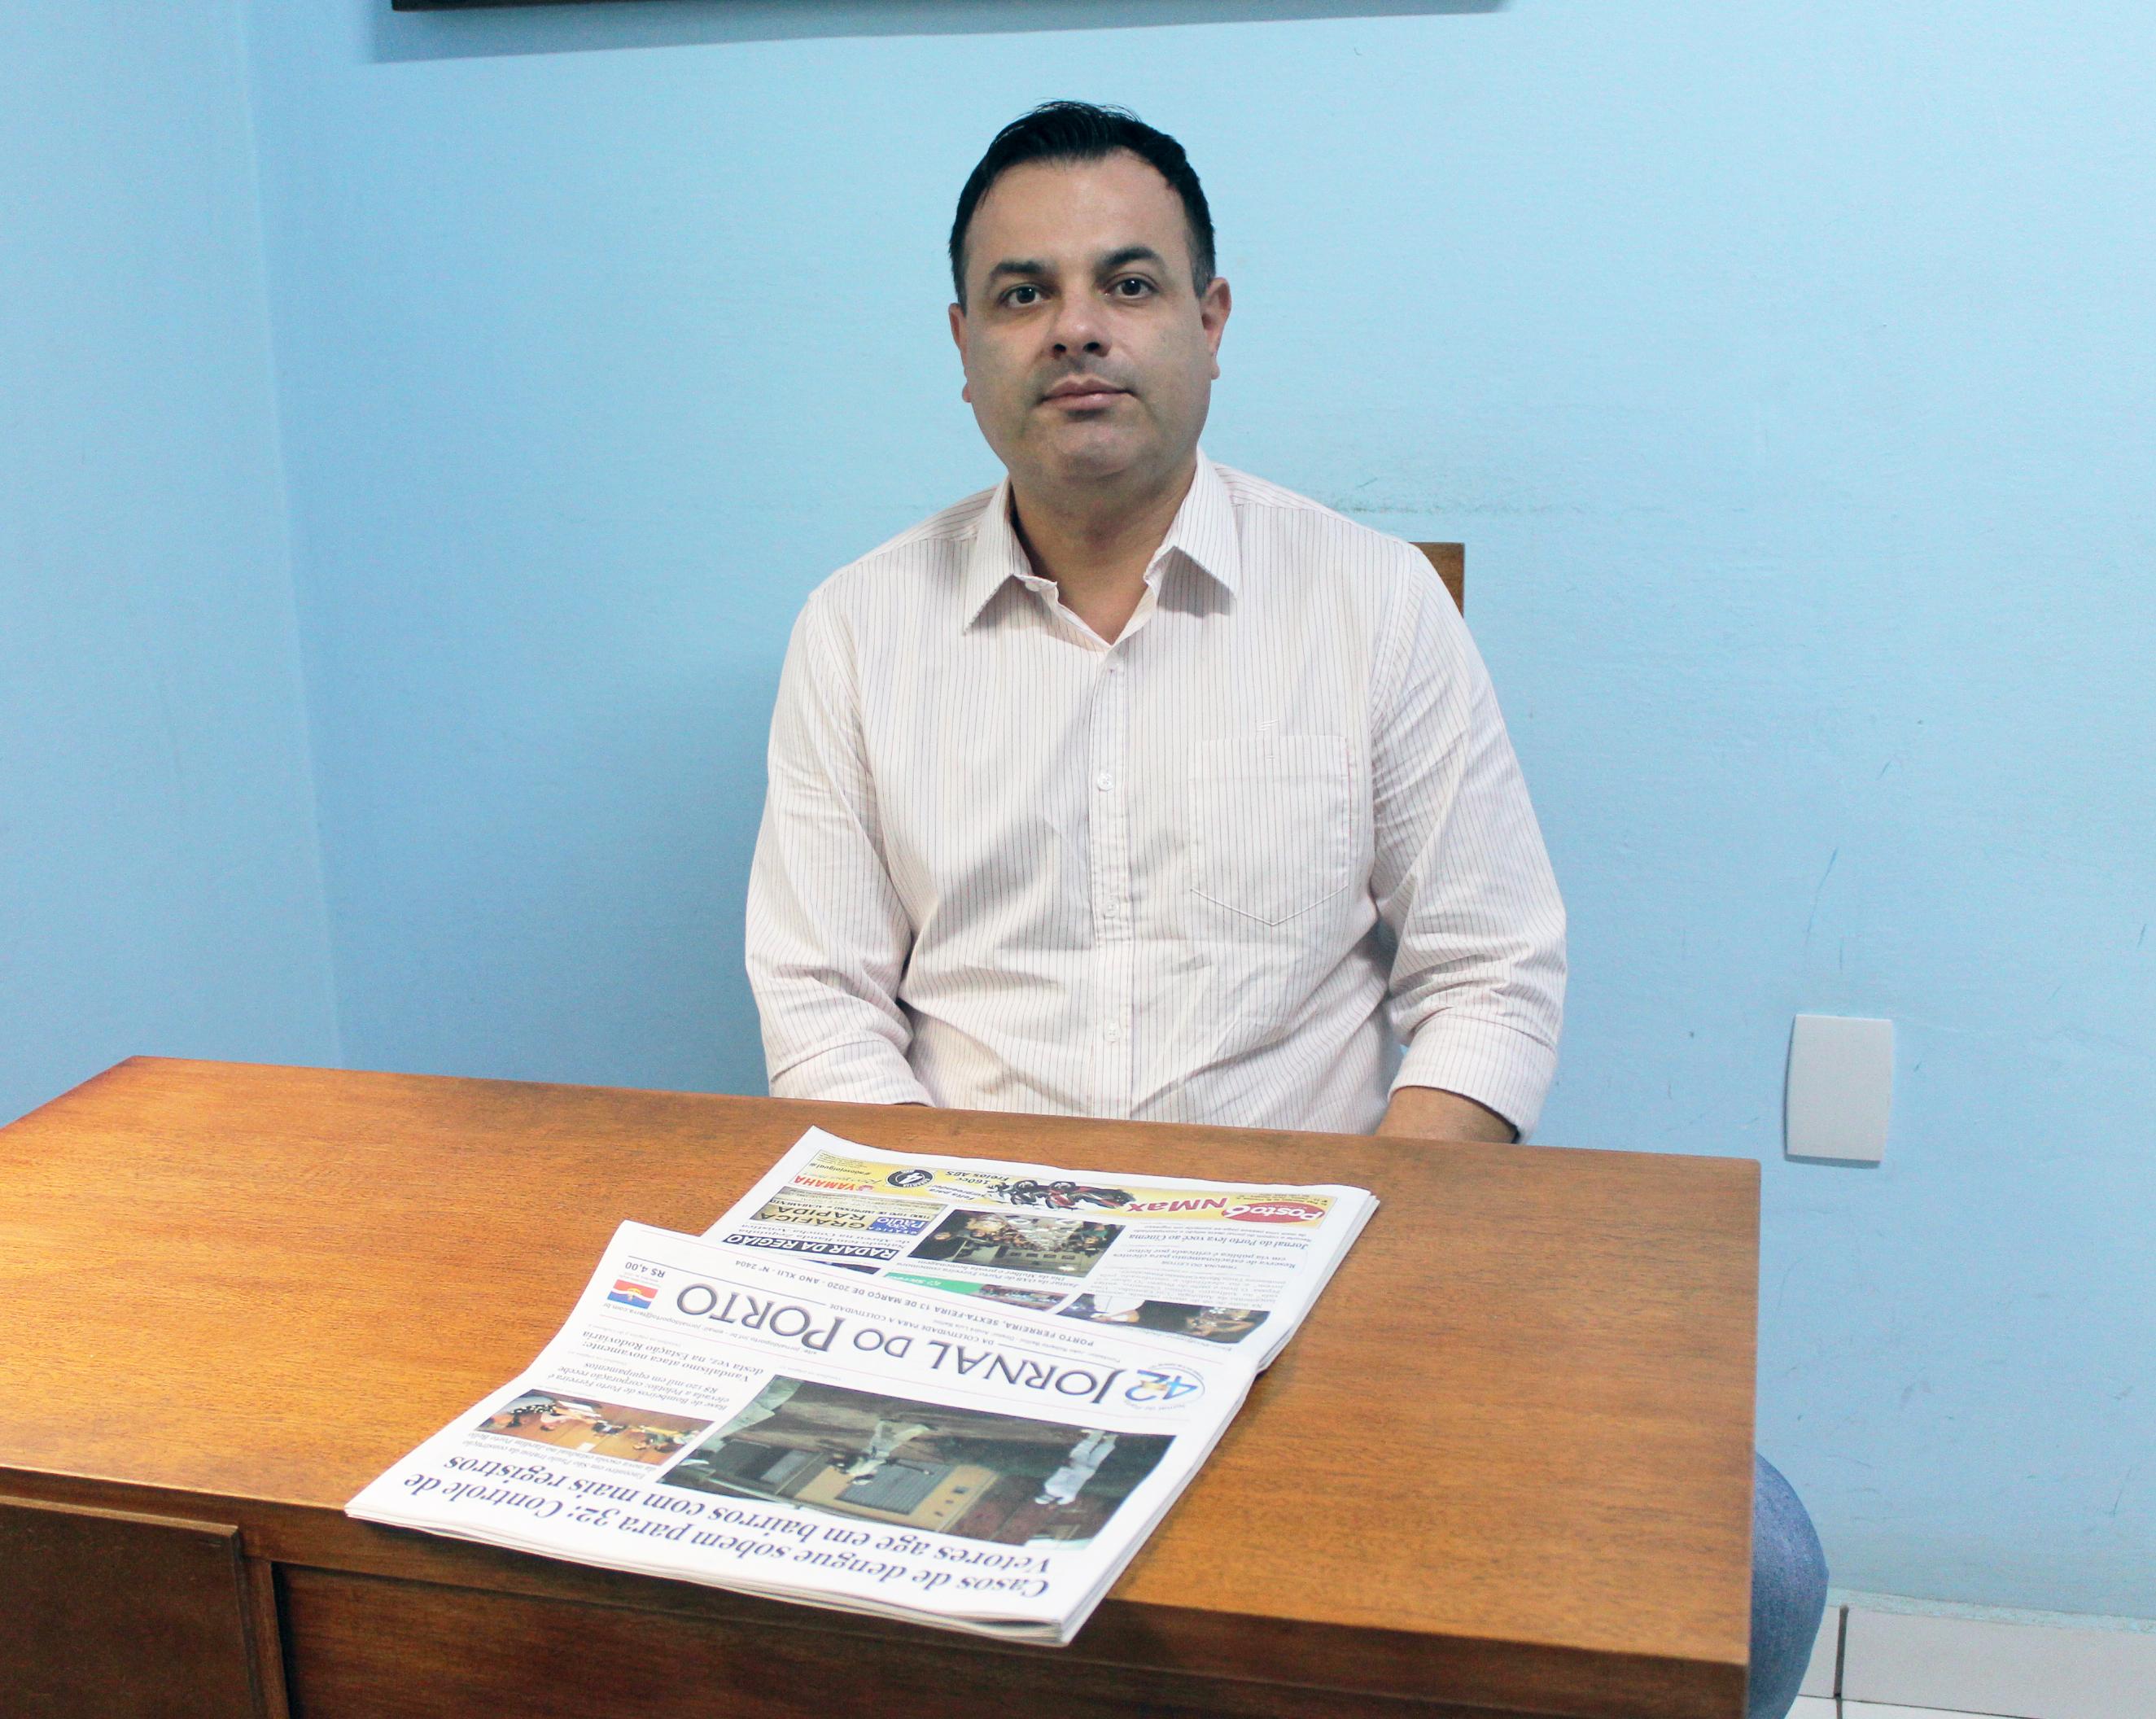 Exclusivo - entrevista vereador Élcio Arruda: